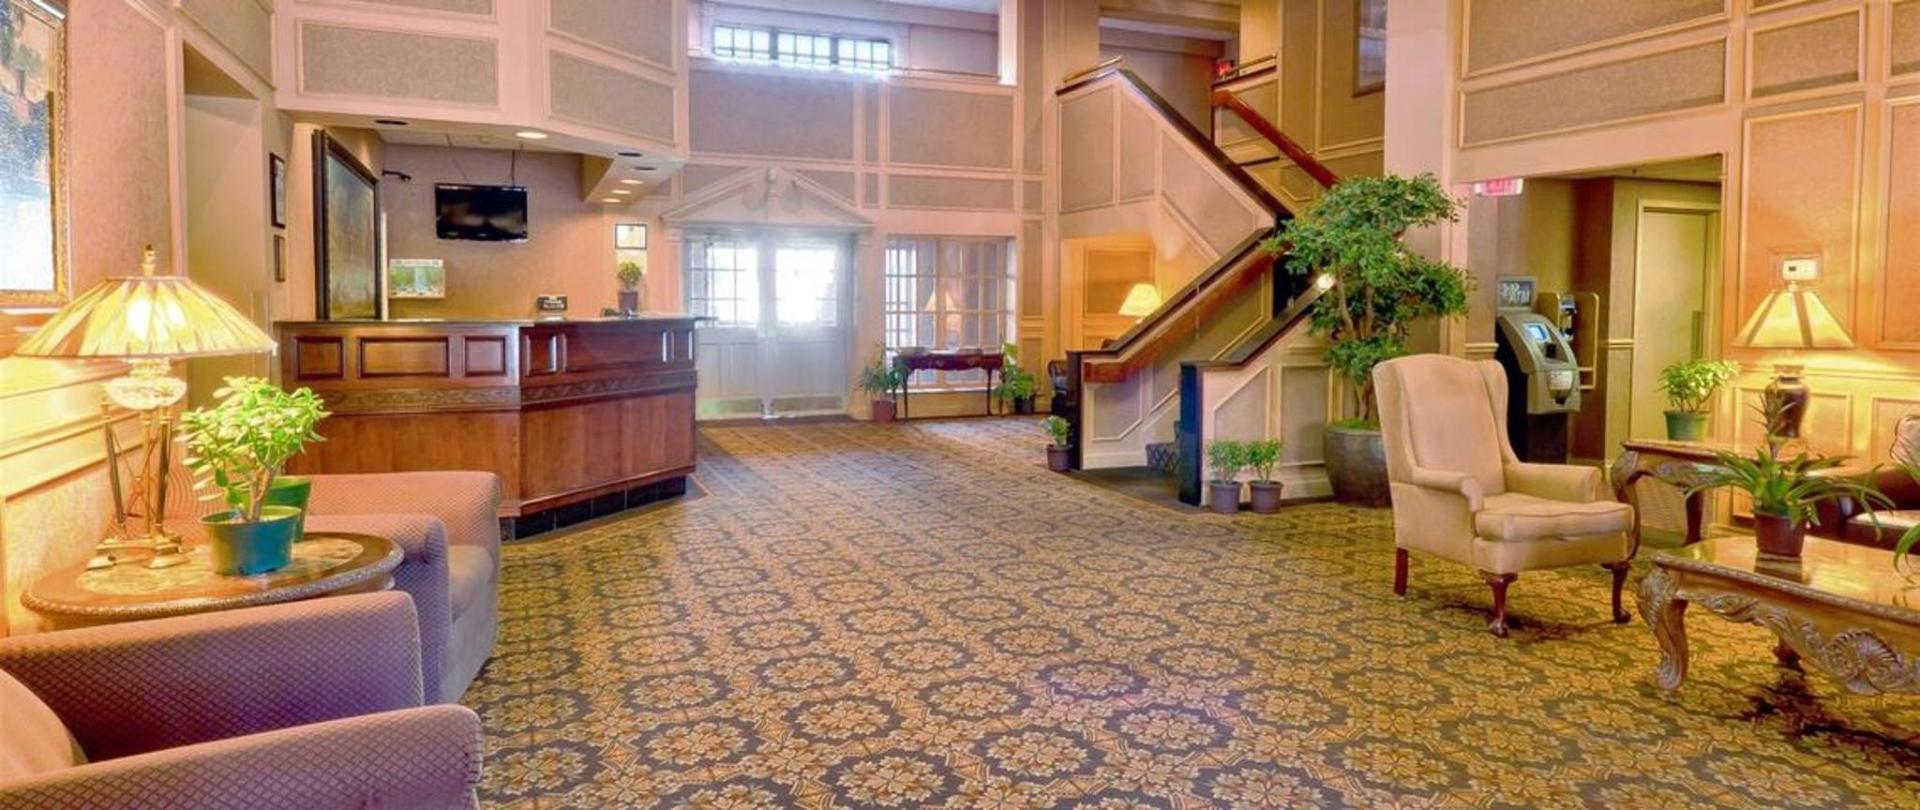 lobby-01.jpg.1140x481_0_259_5937.jpg